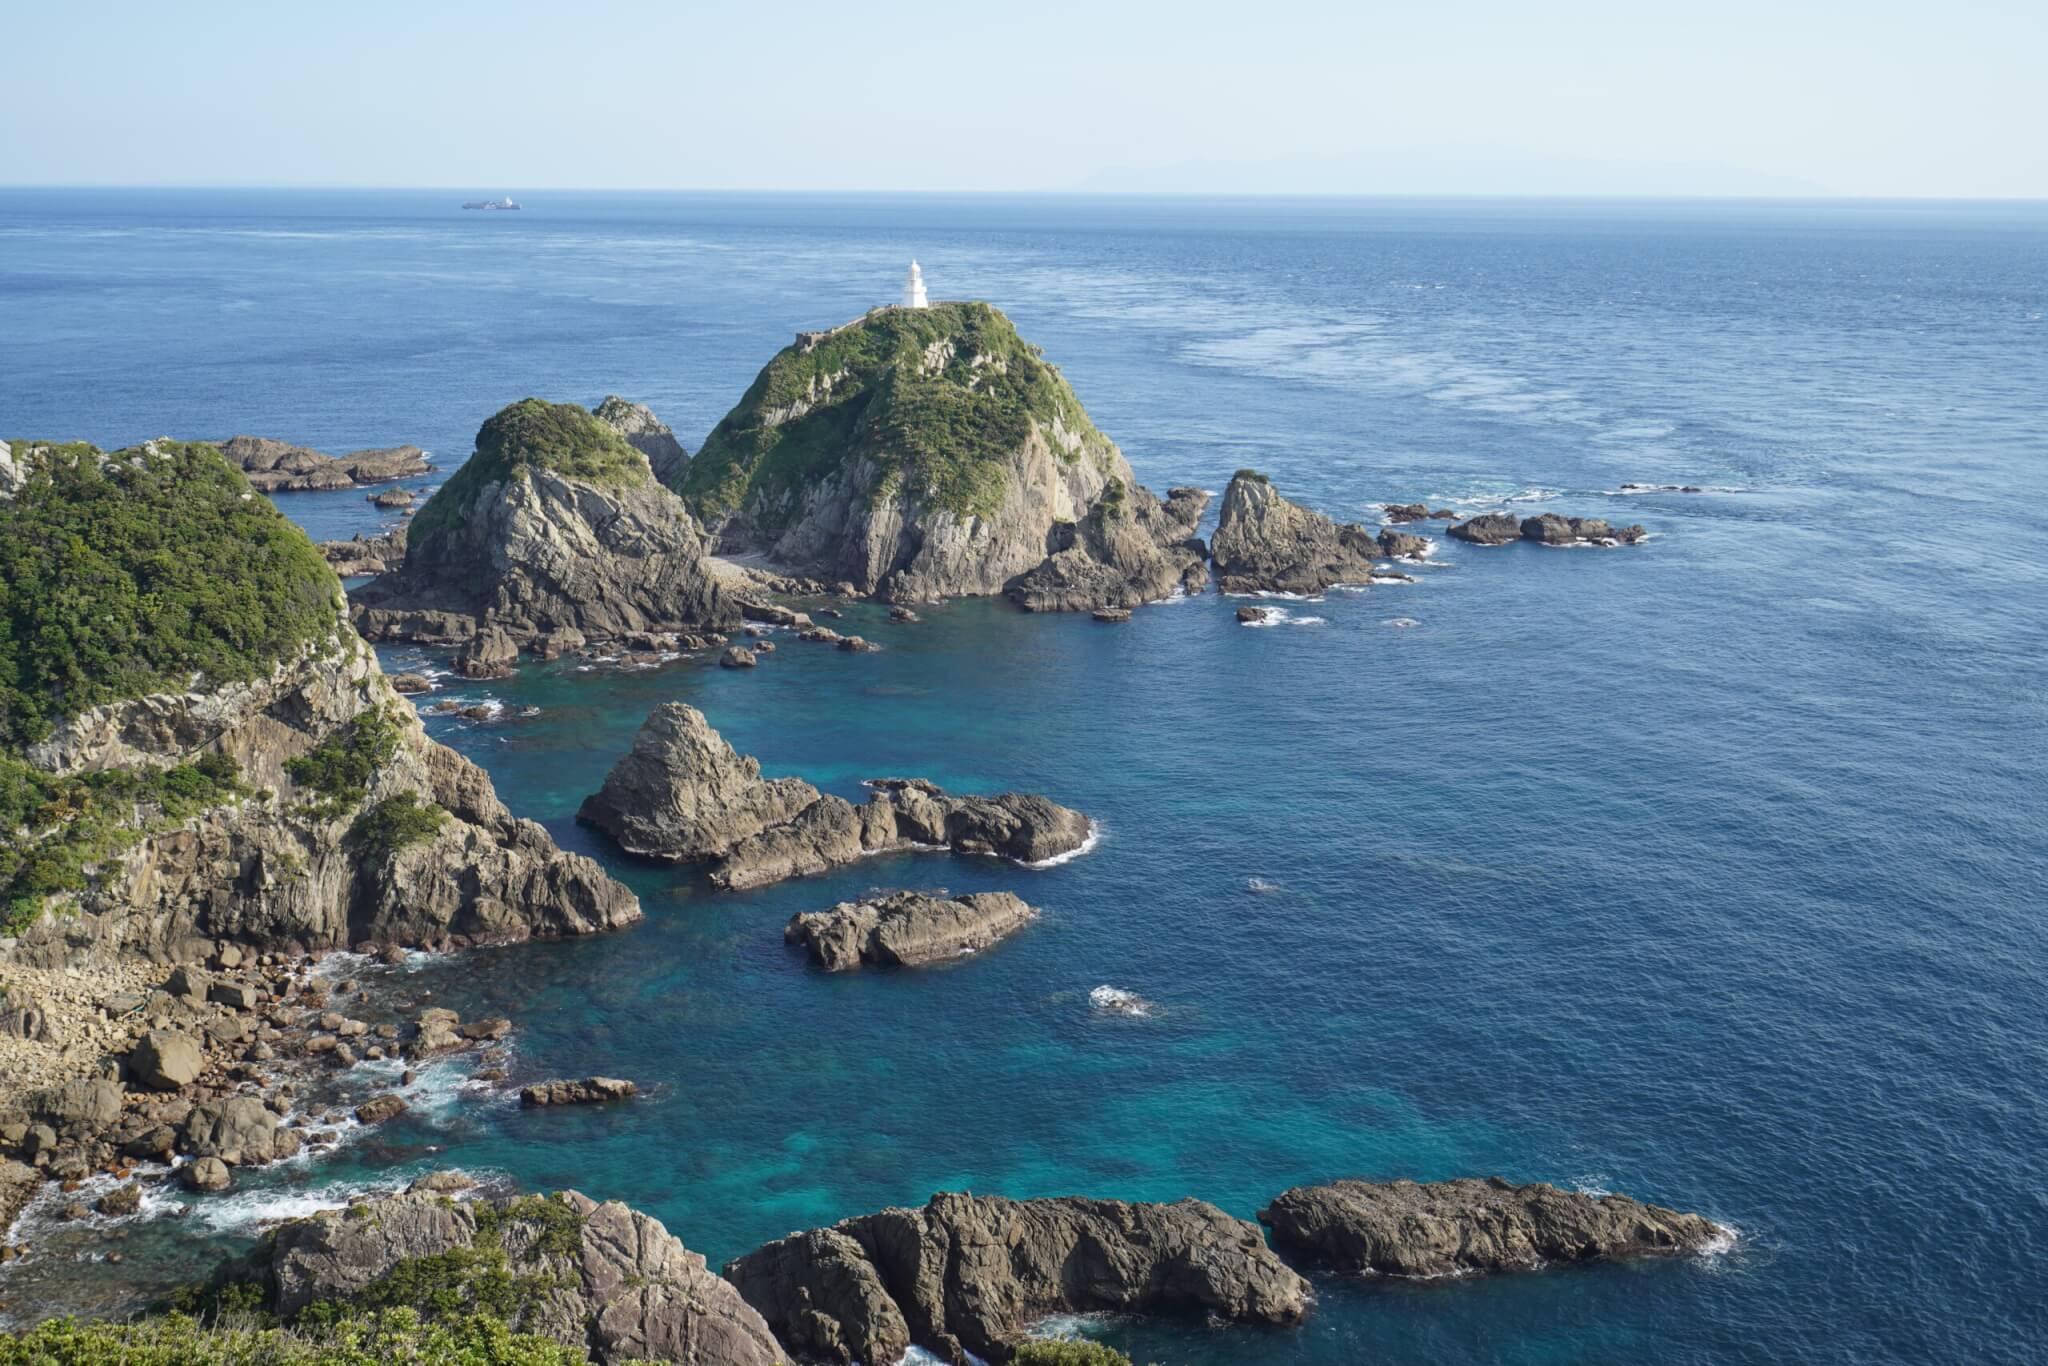 DSC01558 scaled - 【鹿児島旅行記1】端っこのロマン!日本本土の最南端 大隅半島 佐多岬!